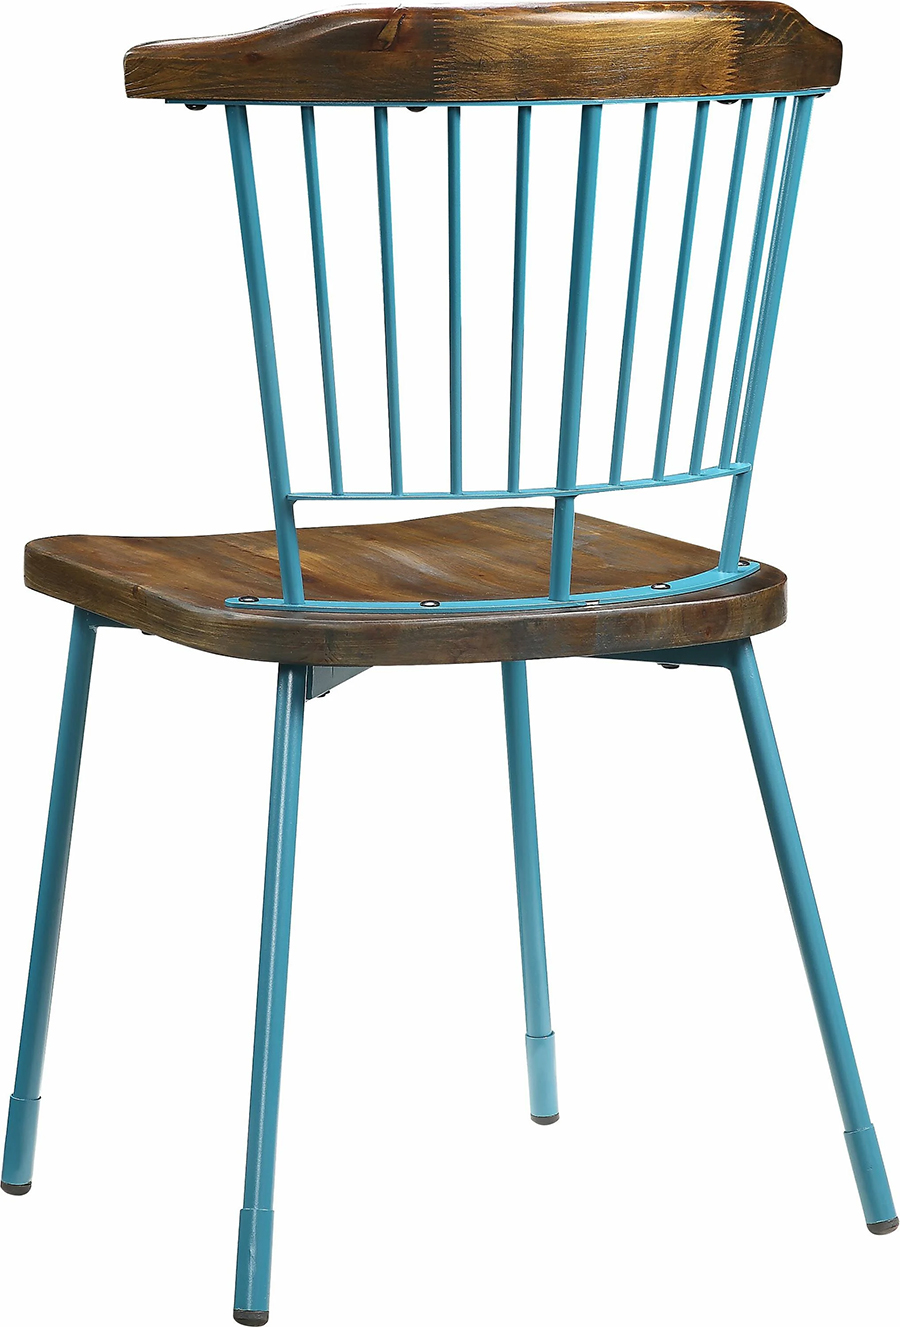 Teal & Brown Oak Chair Back